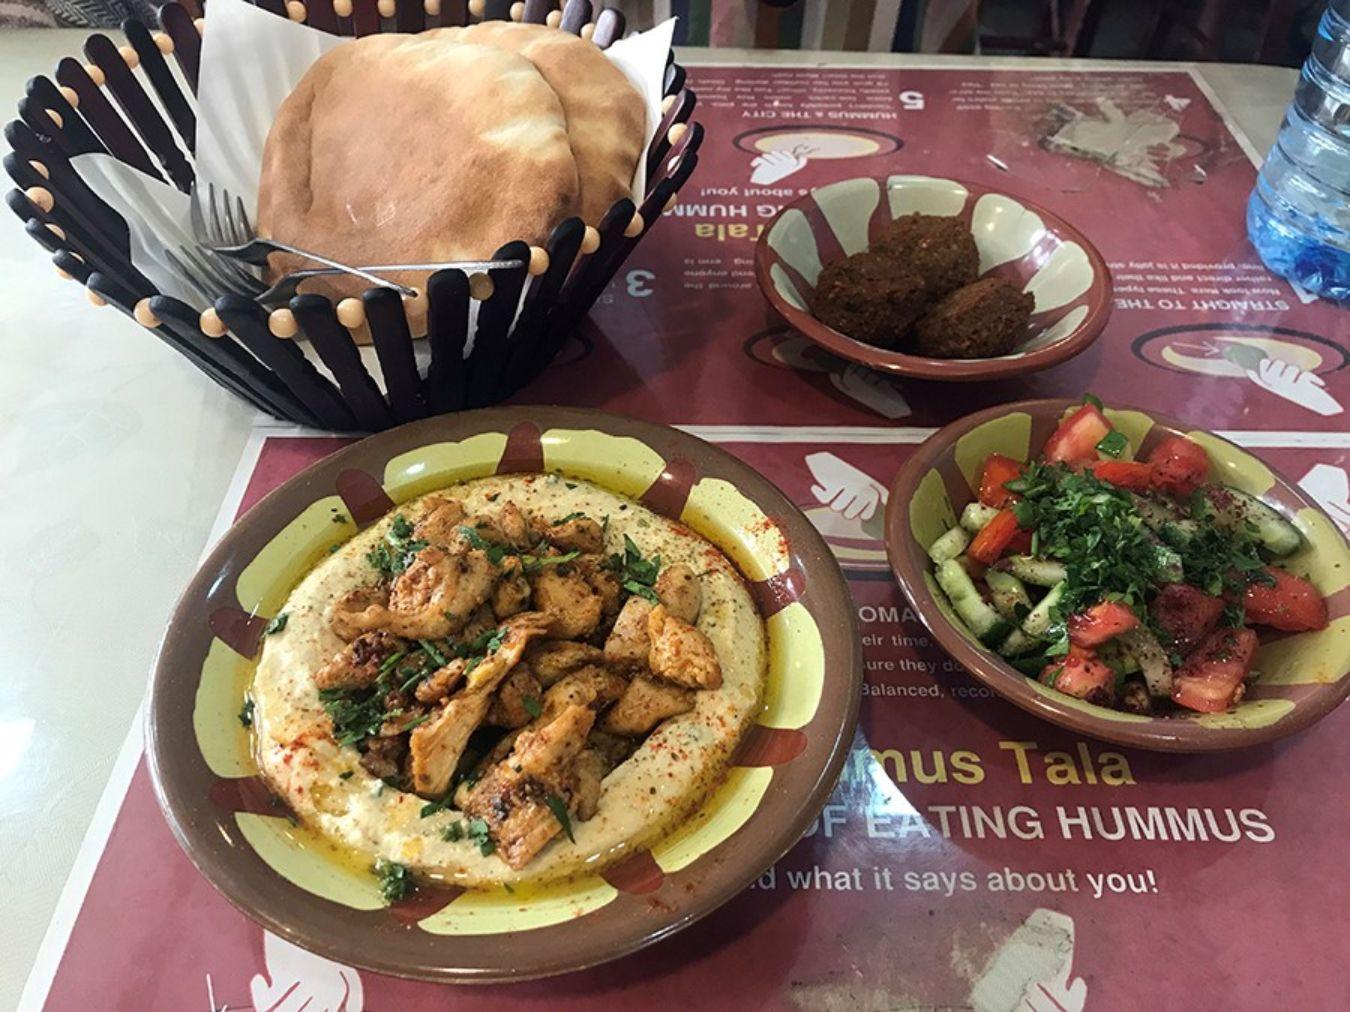 Comida típica de Israel, hummus, falafel y kebab